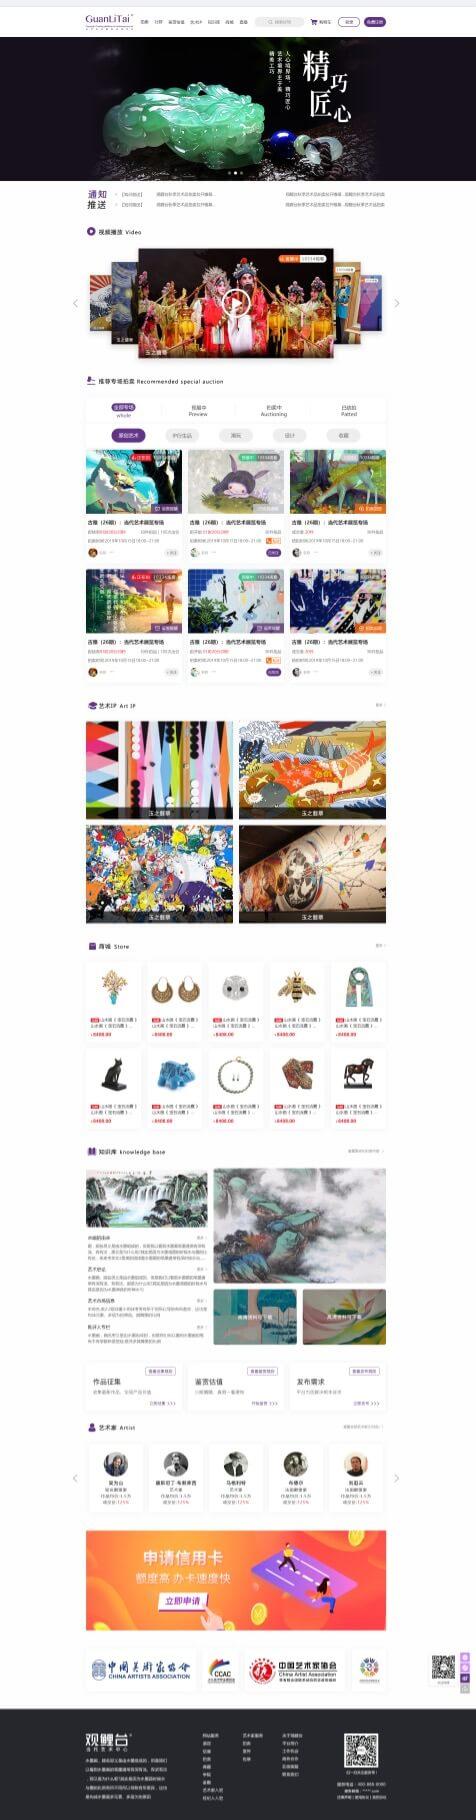 觀鯉臺-微信小程序(藝術品拍賣交易平臺)